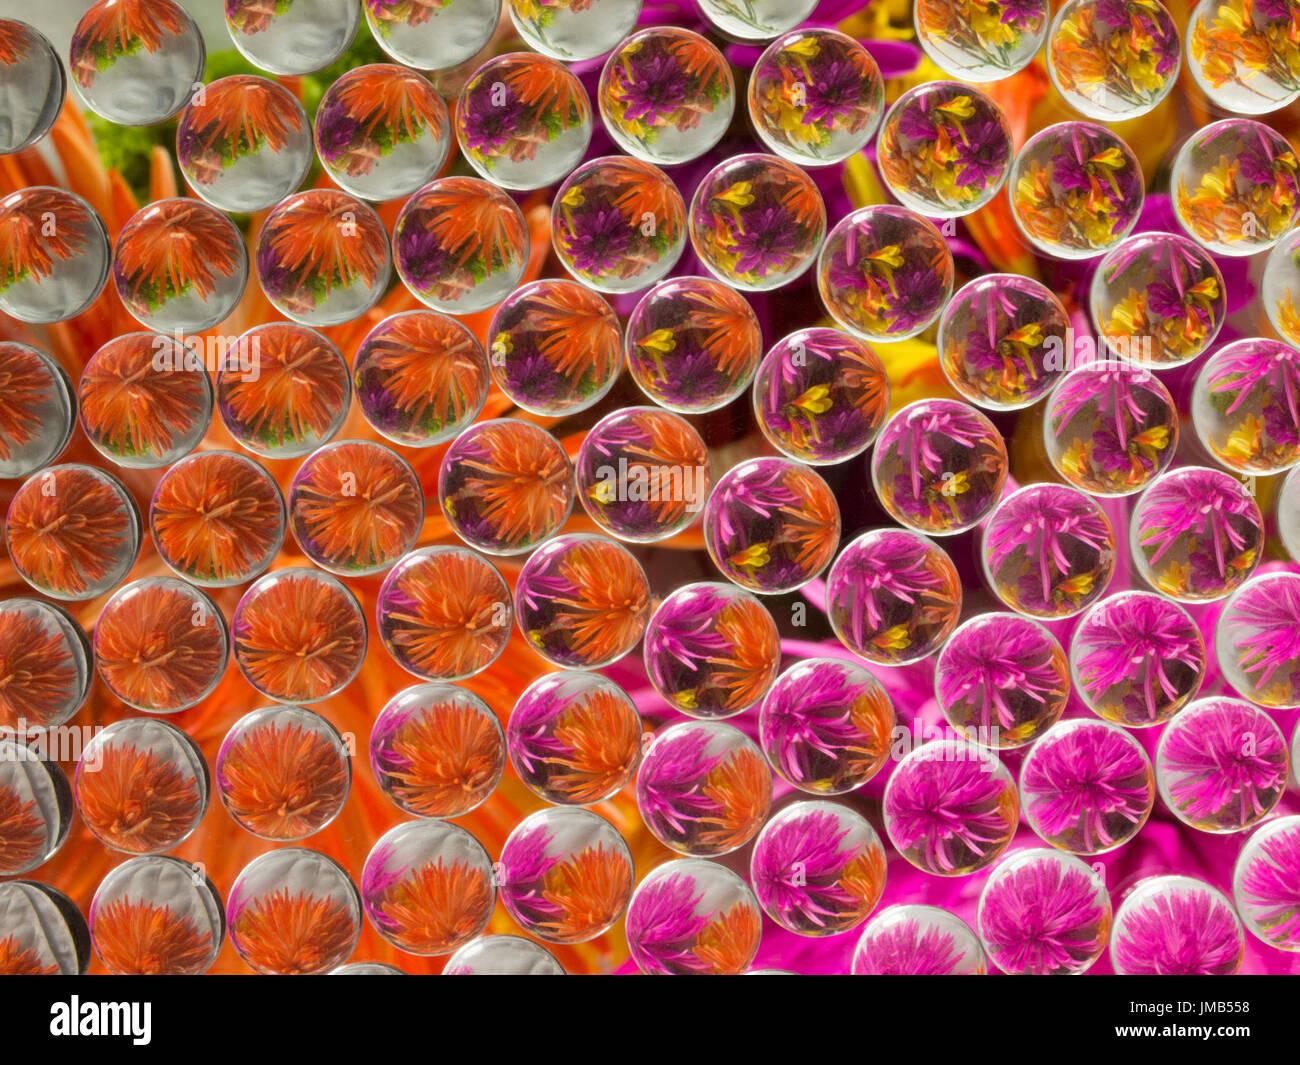 La réfraction 4 Fleurs Photo Stock